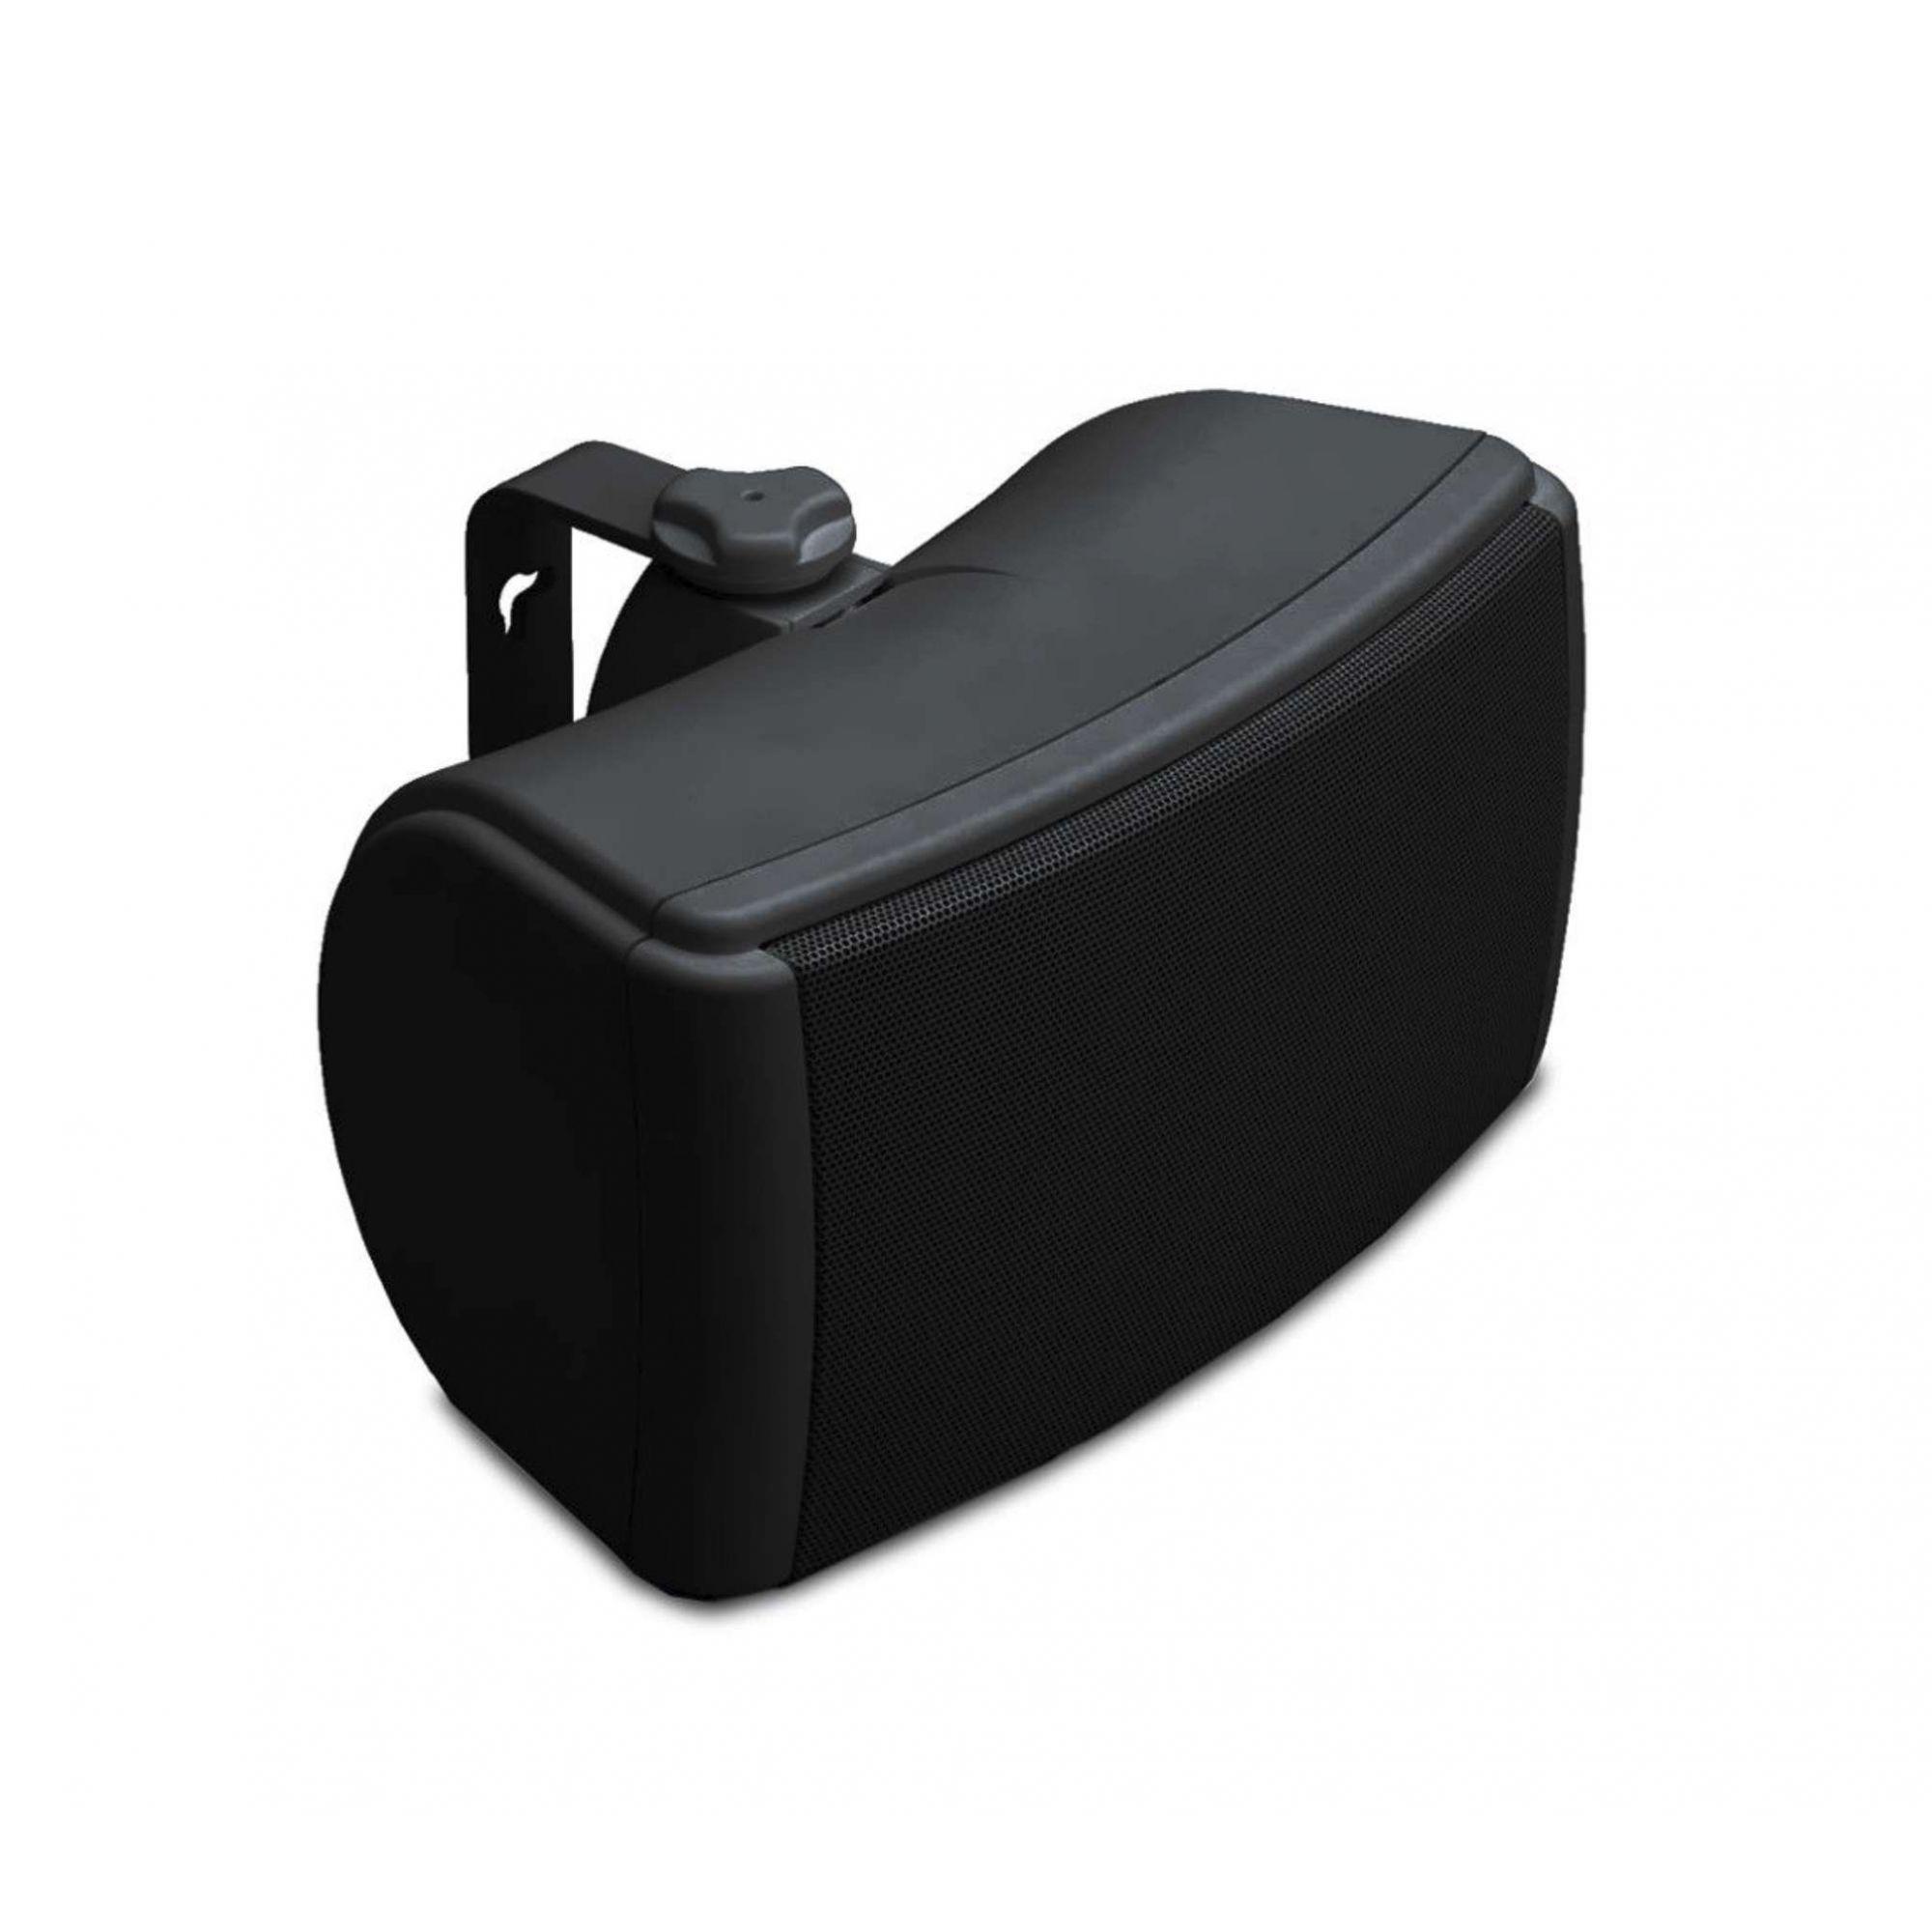 Q Acoustics QI45EW ON-WALL Caixa Acústica externo uma unidade preto